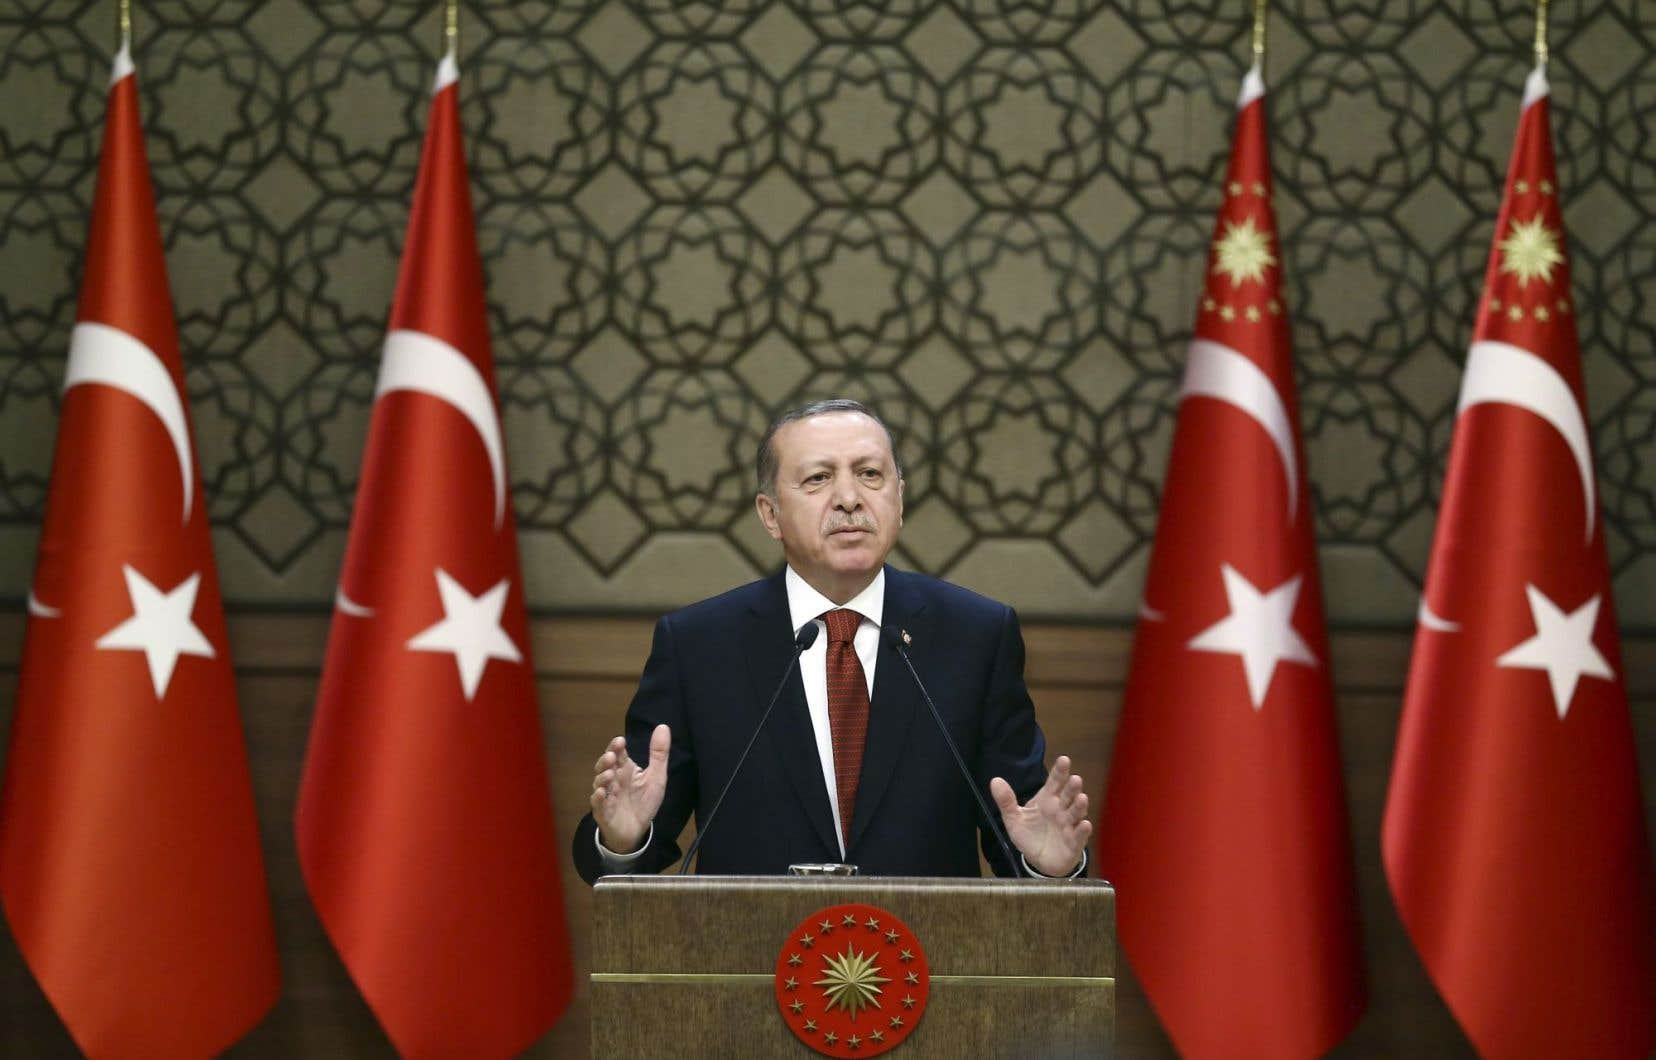 Erdogan, président de la Turquie, continue de cibler les groupes d'opposition.